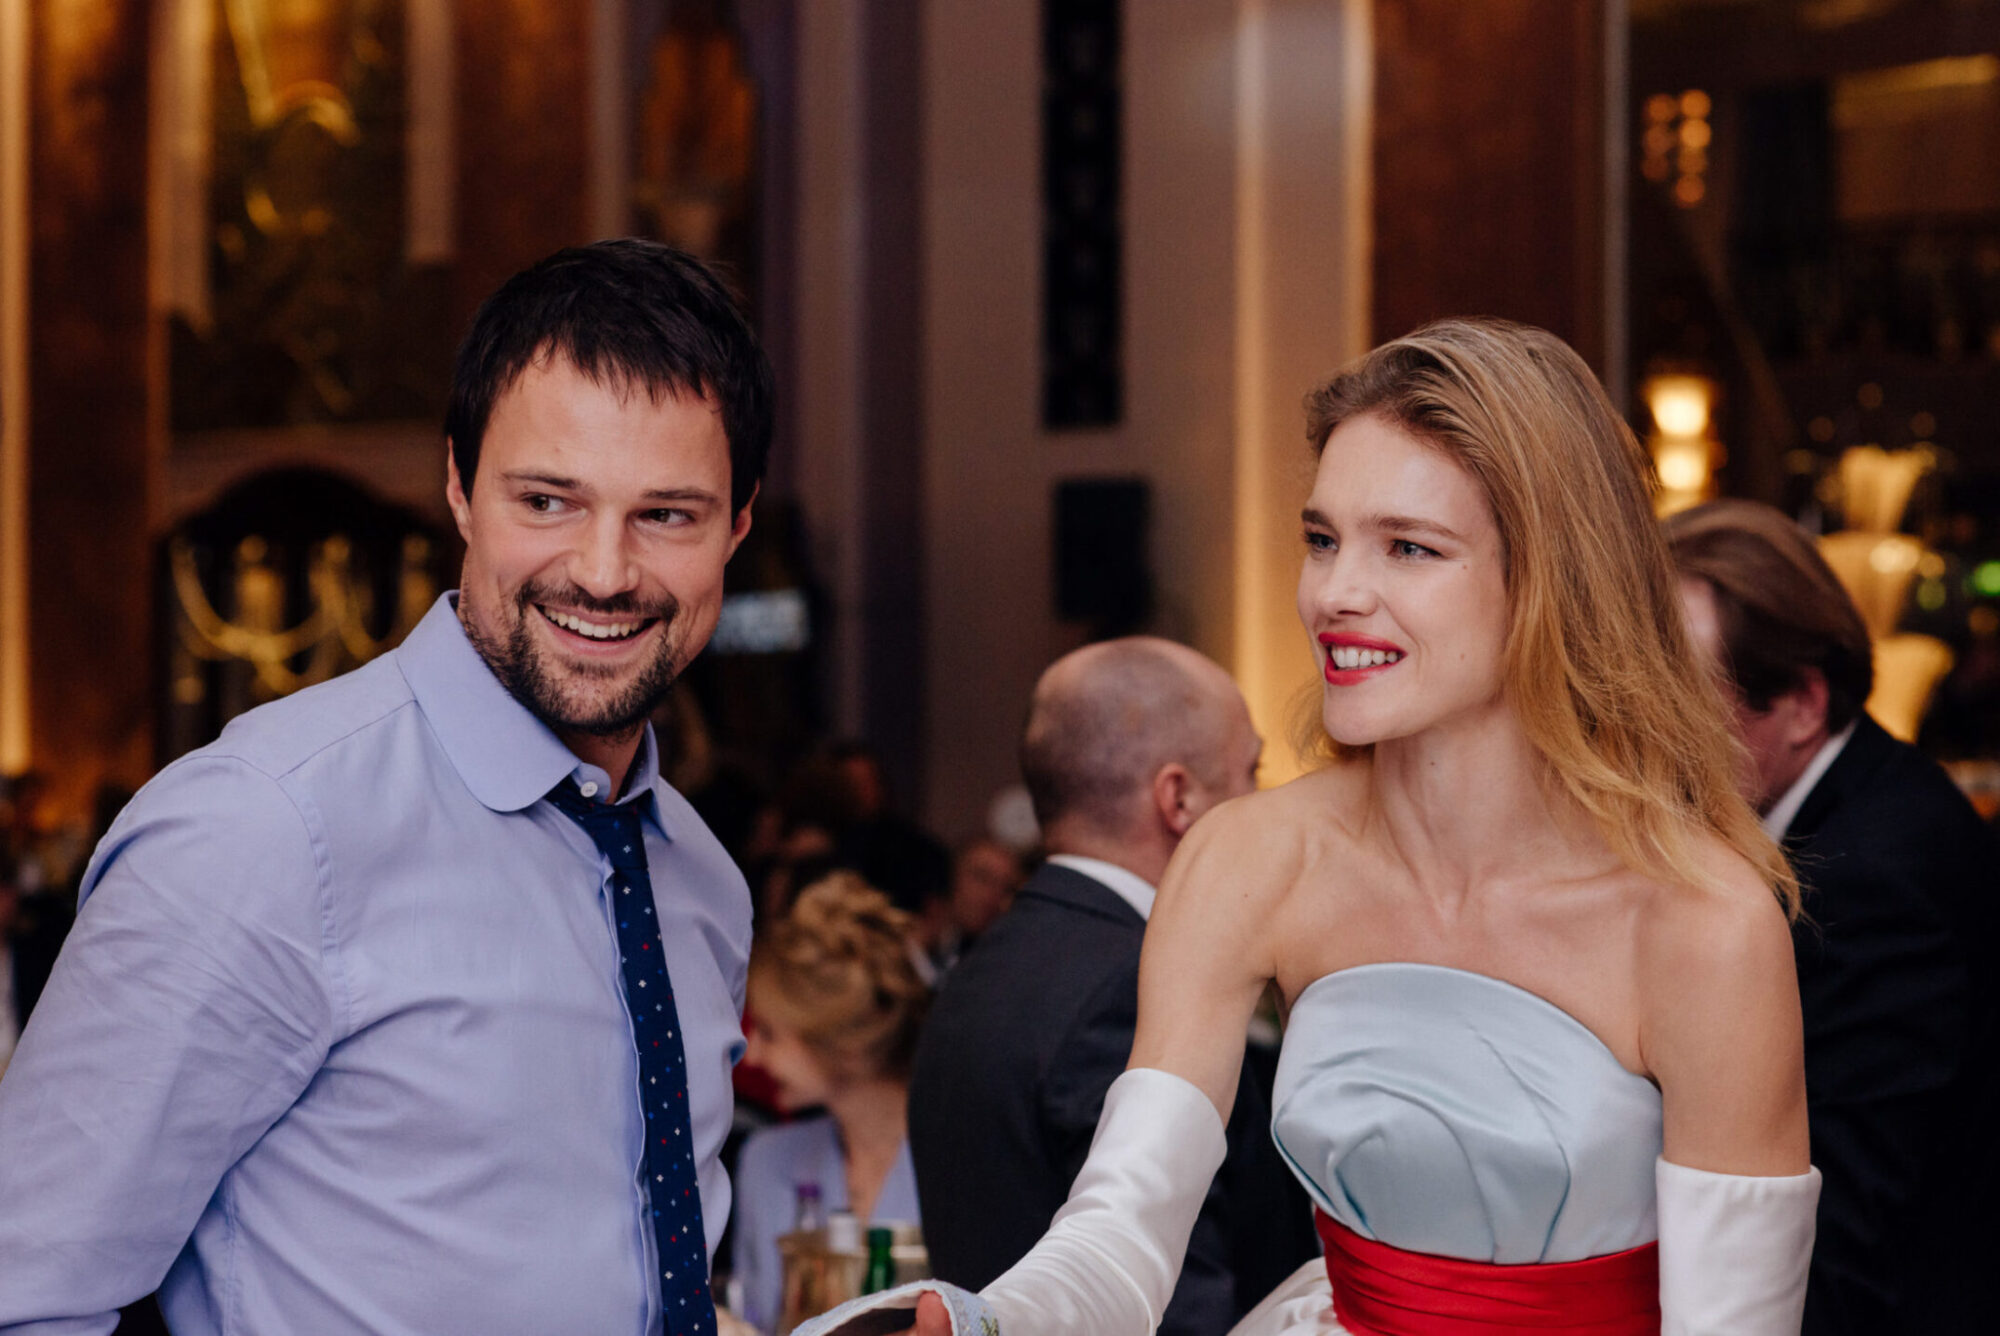 Danila Kozlovsky, Natalia Vodianova / Photo: Olga Kotilevskaya